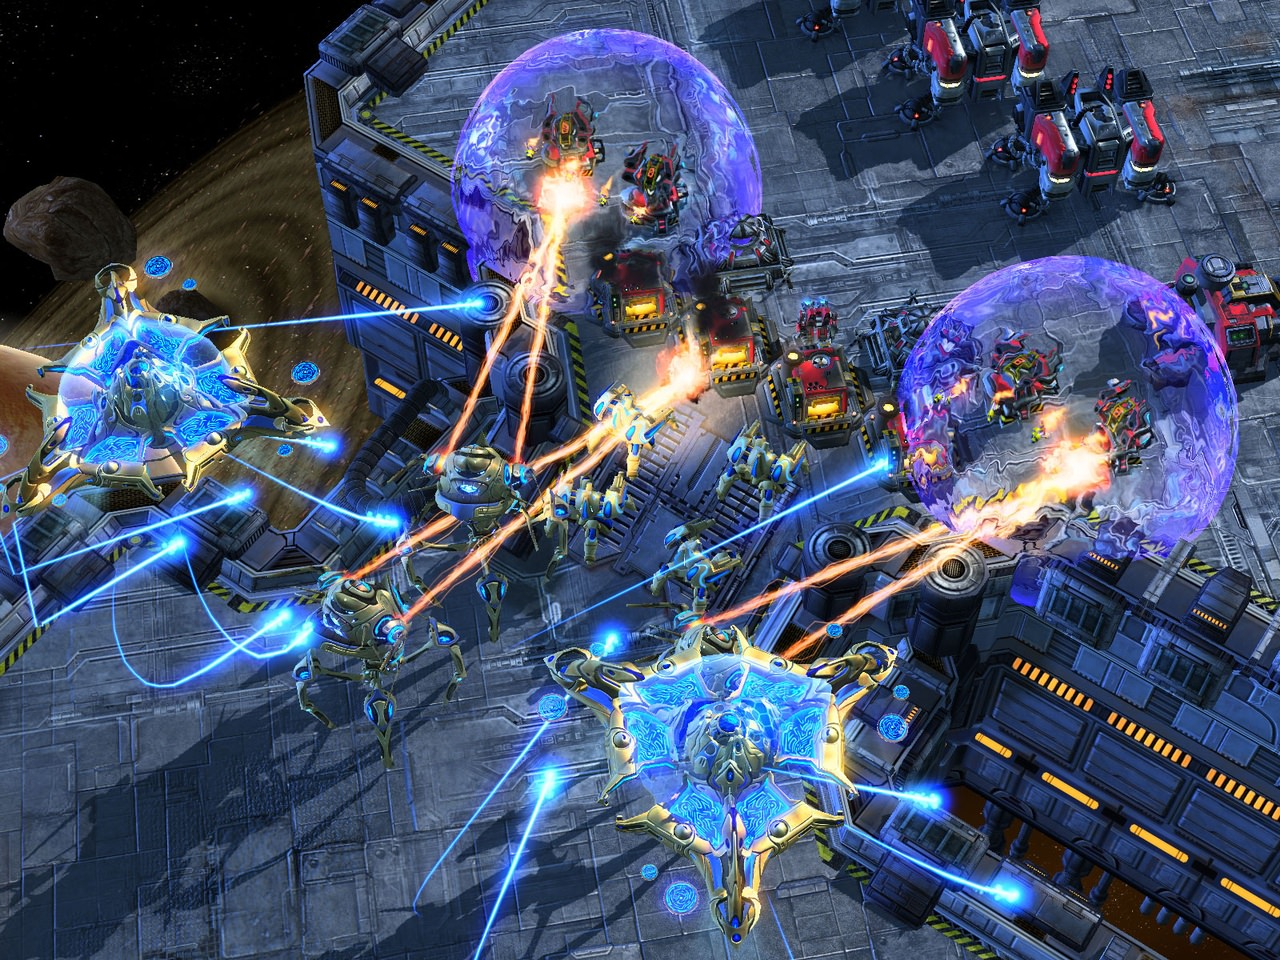 Starcraft-2-Screenshot-3